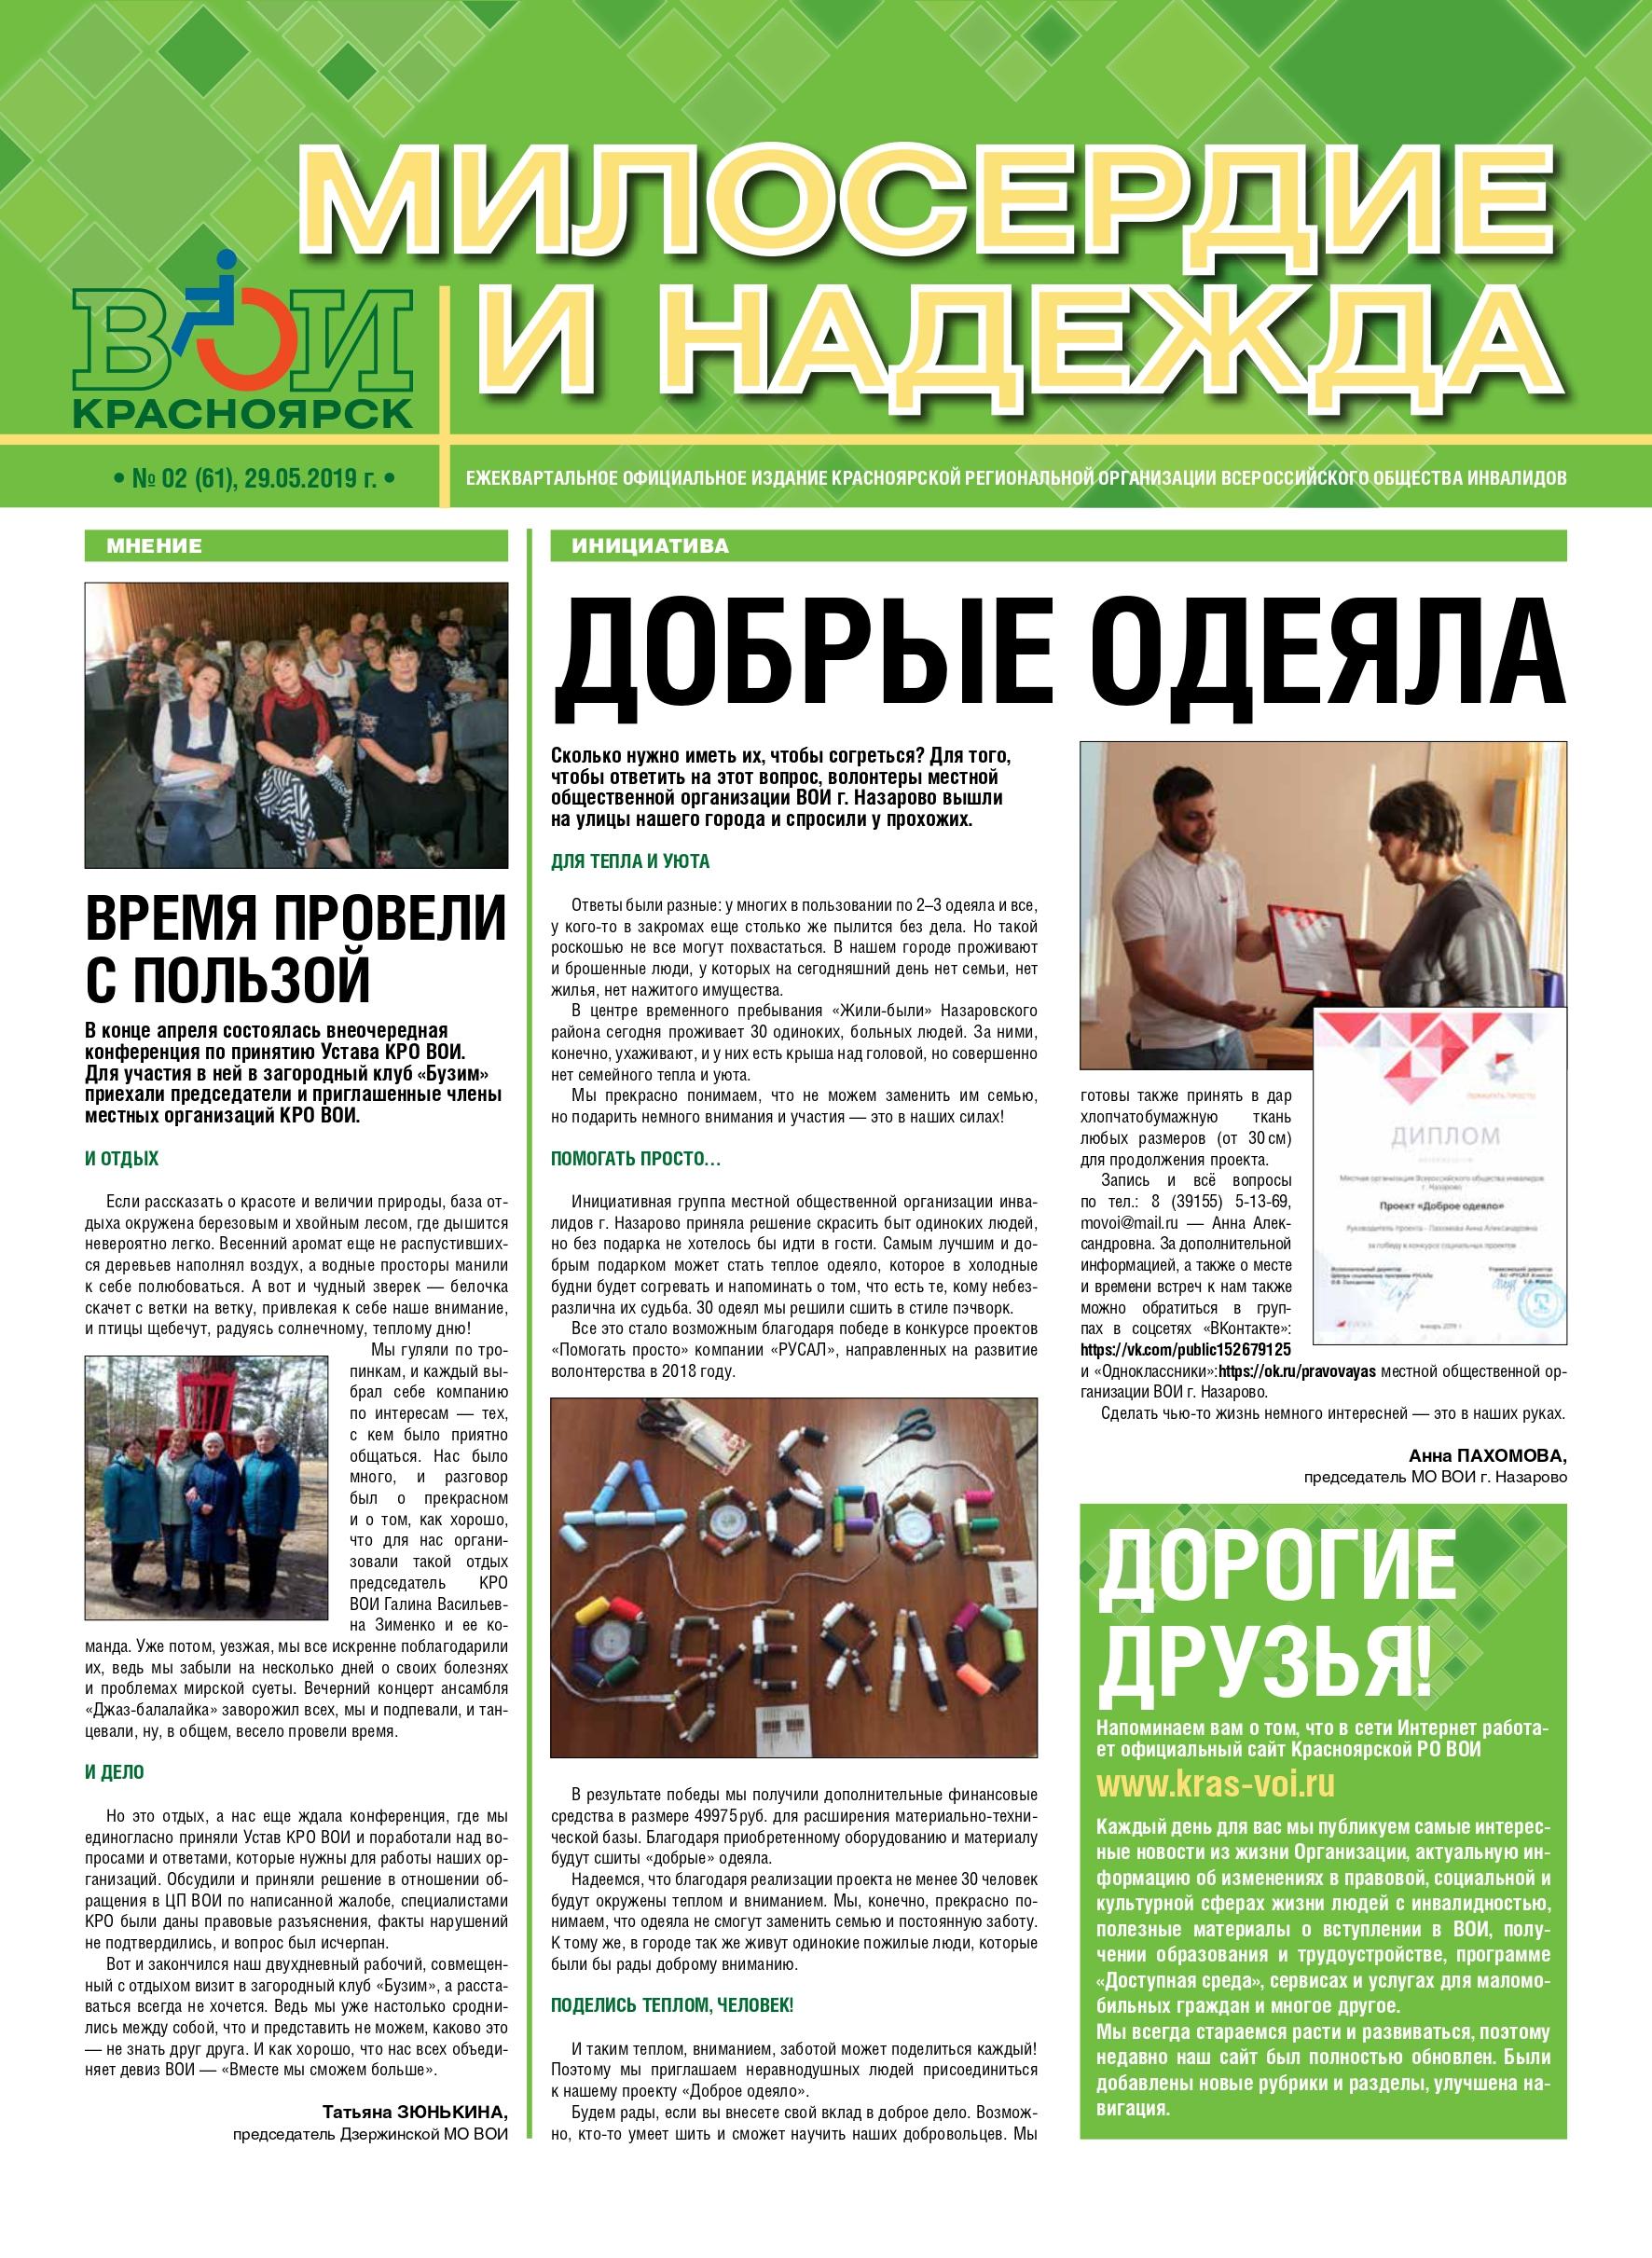 ГАЗЕТА «МИЛОСЕРДИЕ И НАДЕЖДА», ВЫПУСК №61